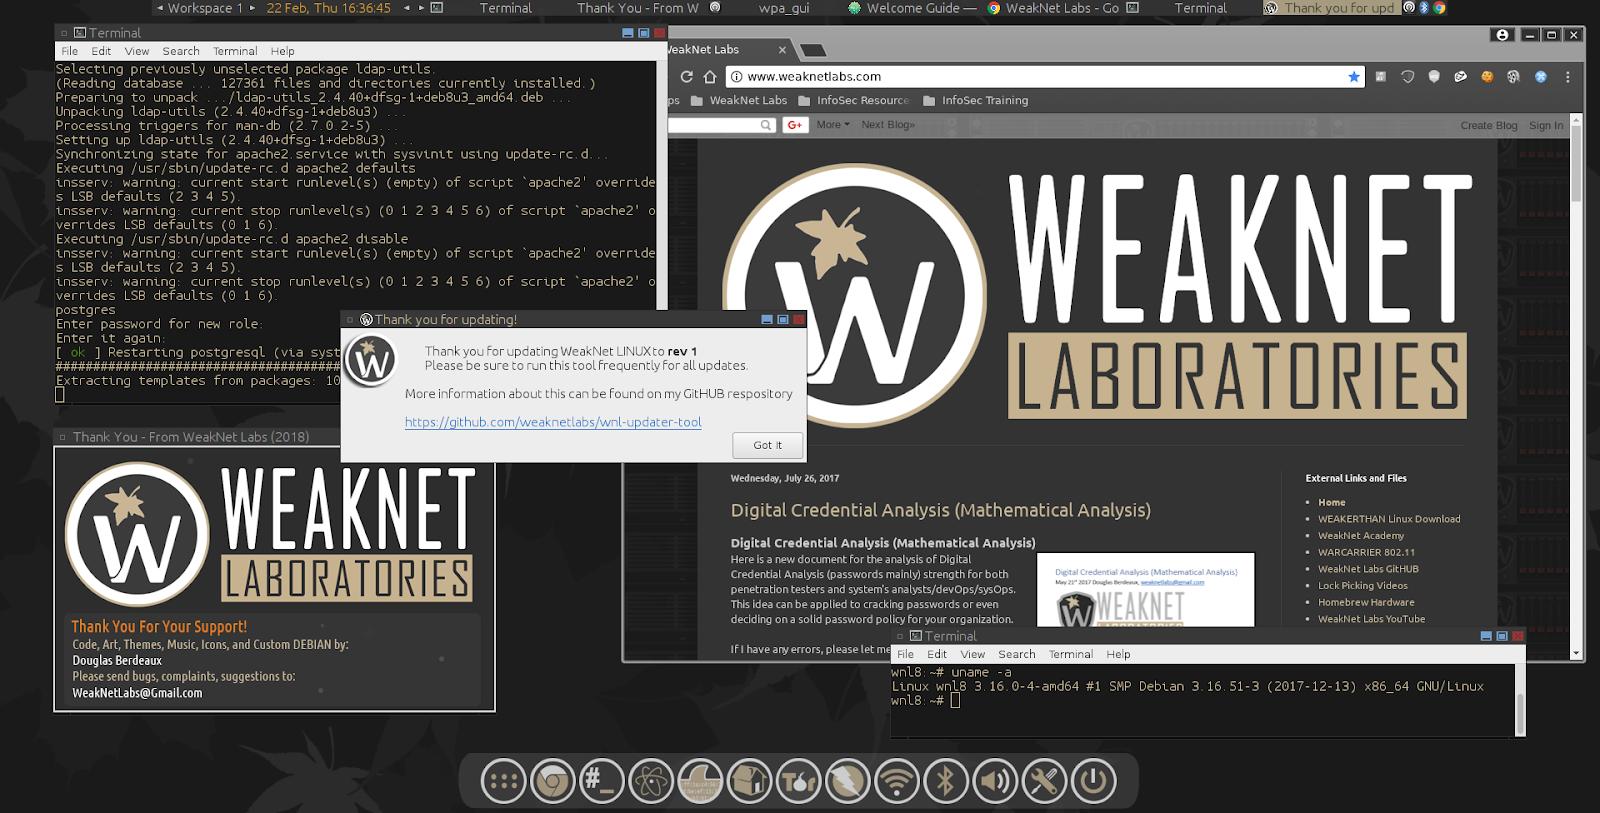 WeakNet Labs: WeakNet LINUX 8 CAFFEINE (x64)